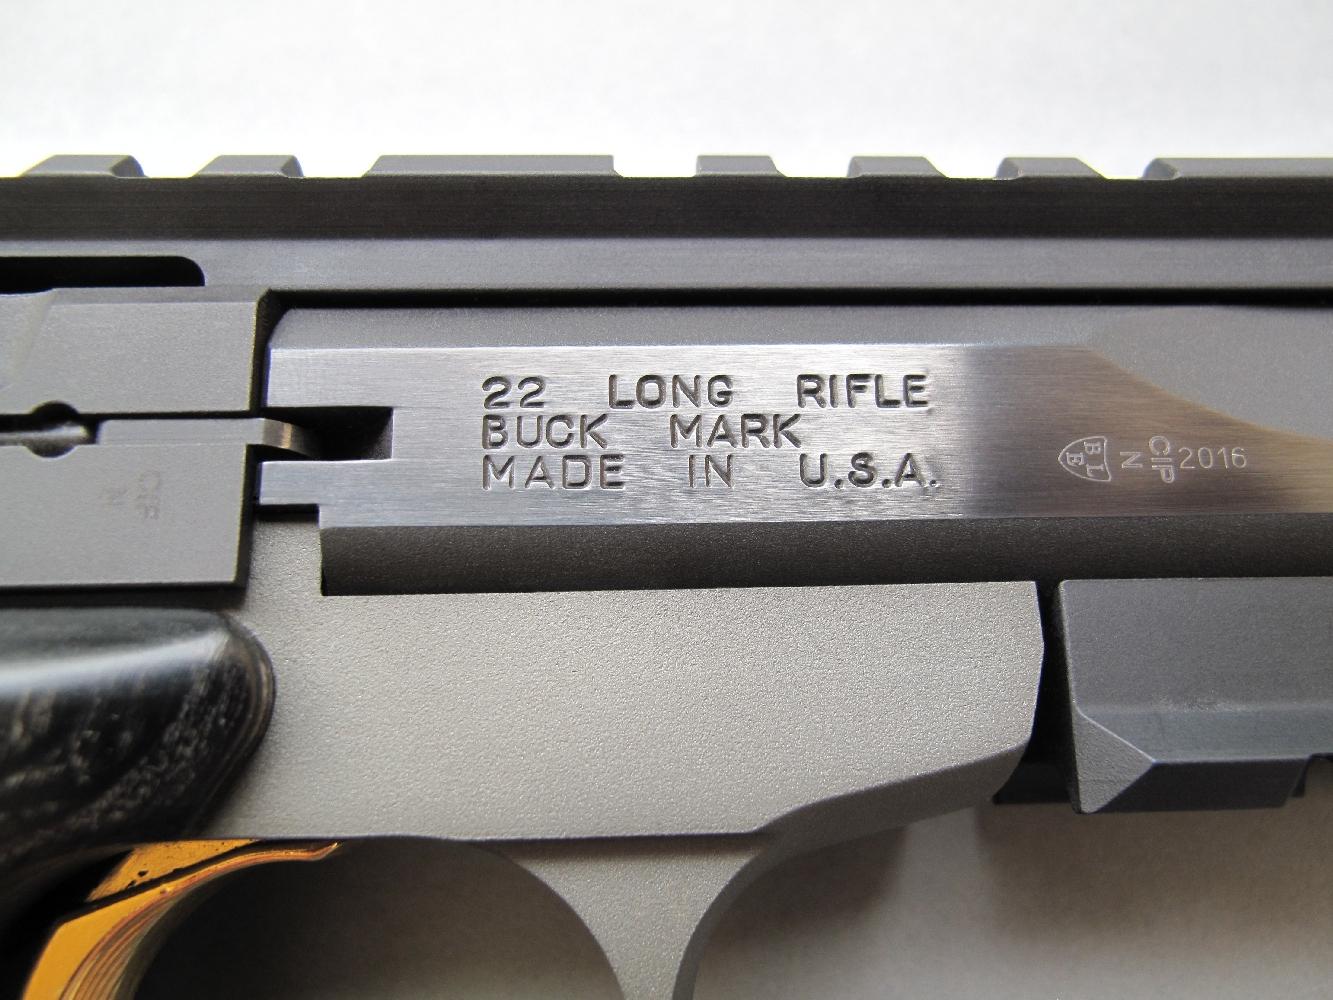 Les principales indications concernant le calibre, le modèle et le pays d'origine, sont gravées sur le côté droit du canon où elles voisinent avec les différents poinçons du banc d'épreuve.